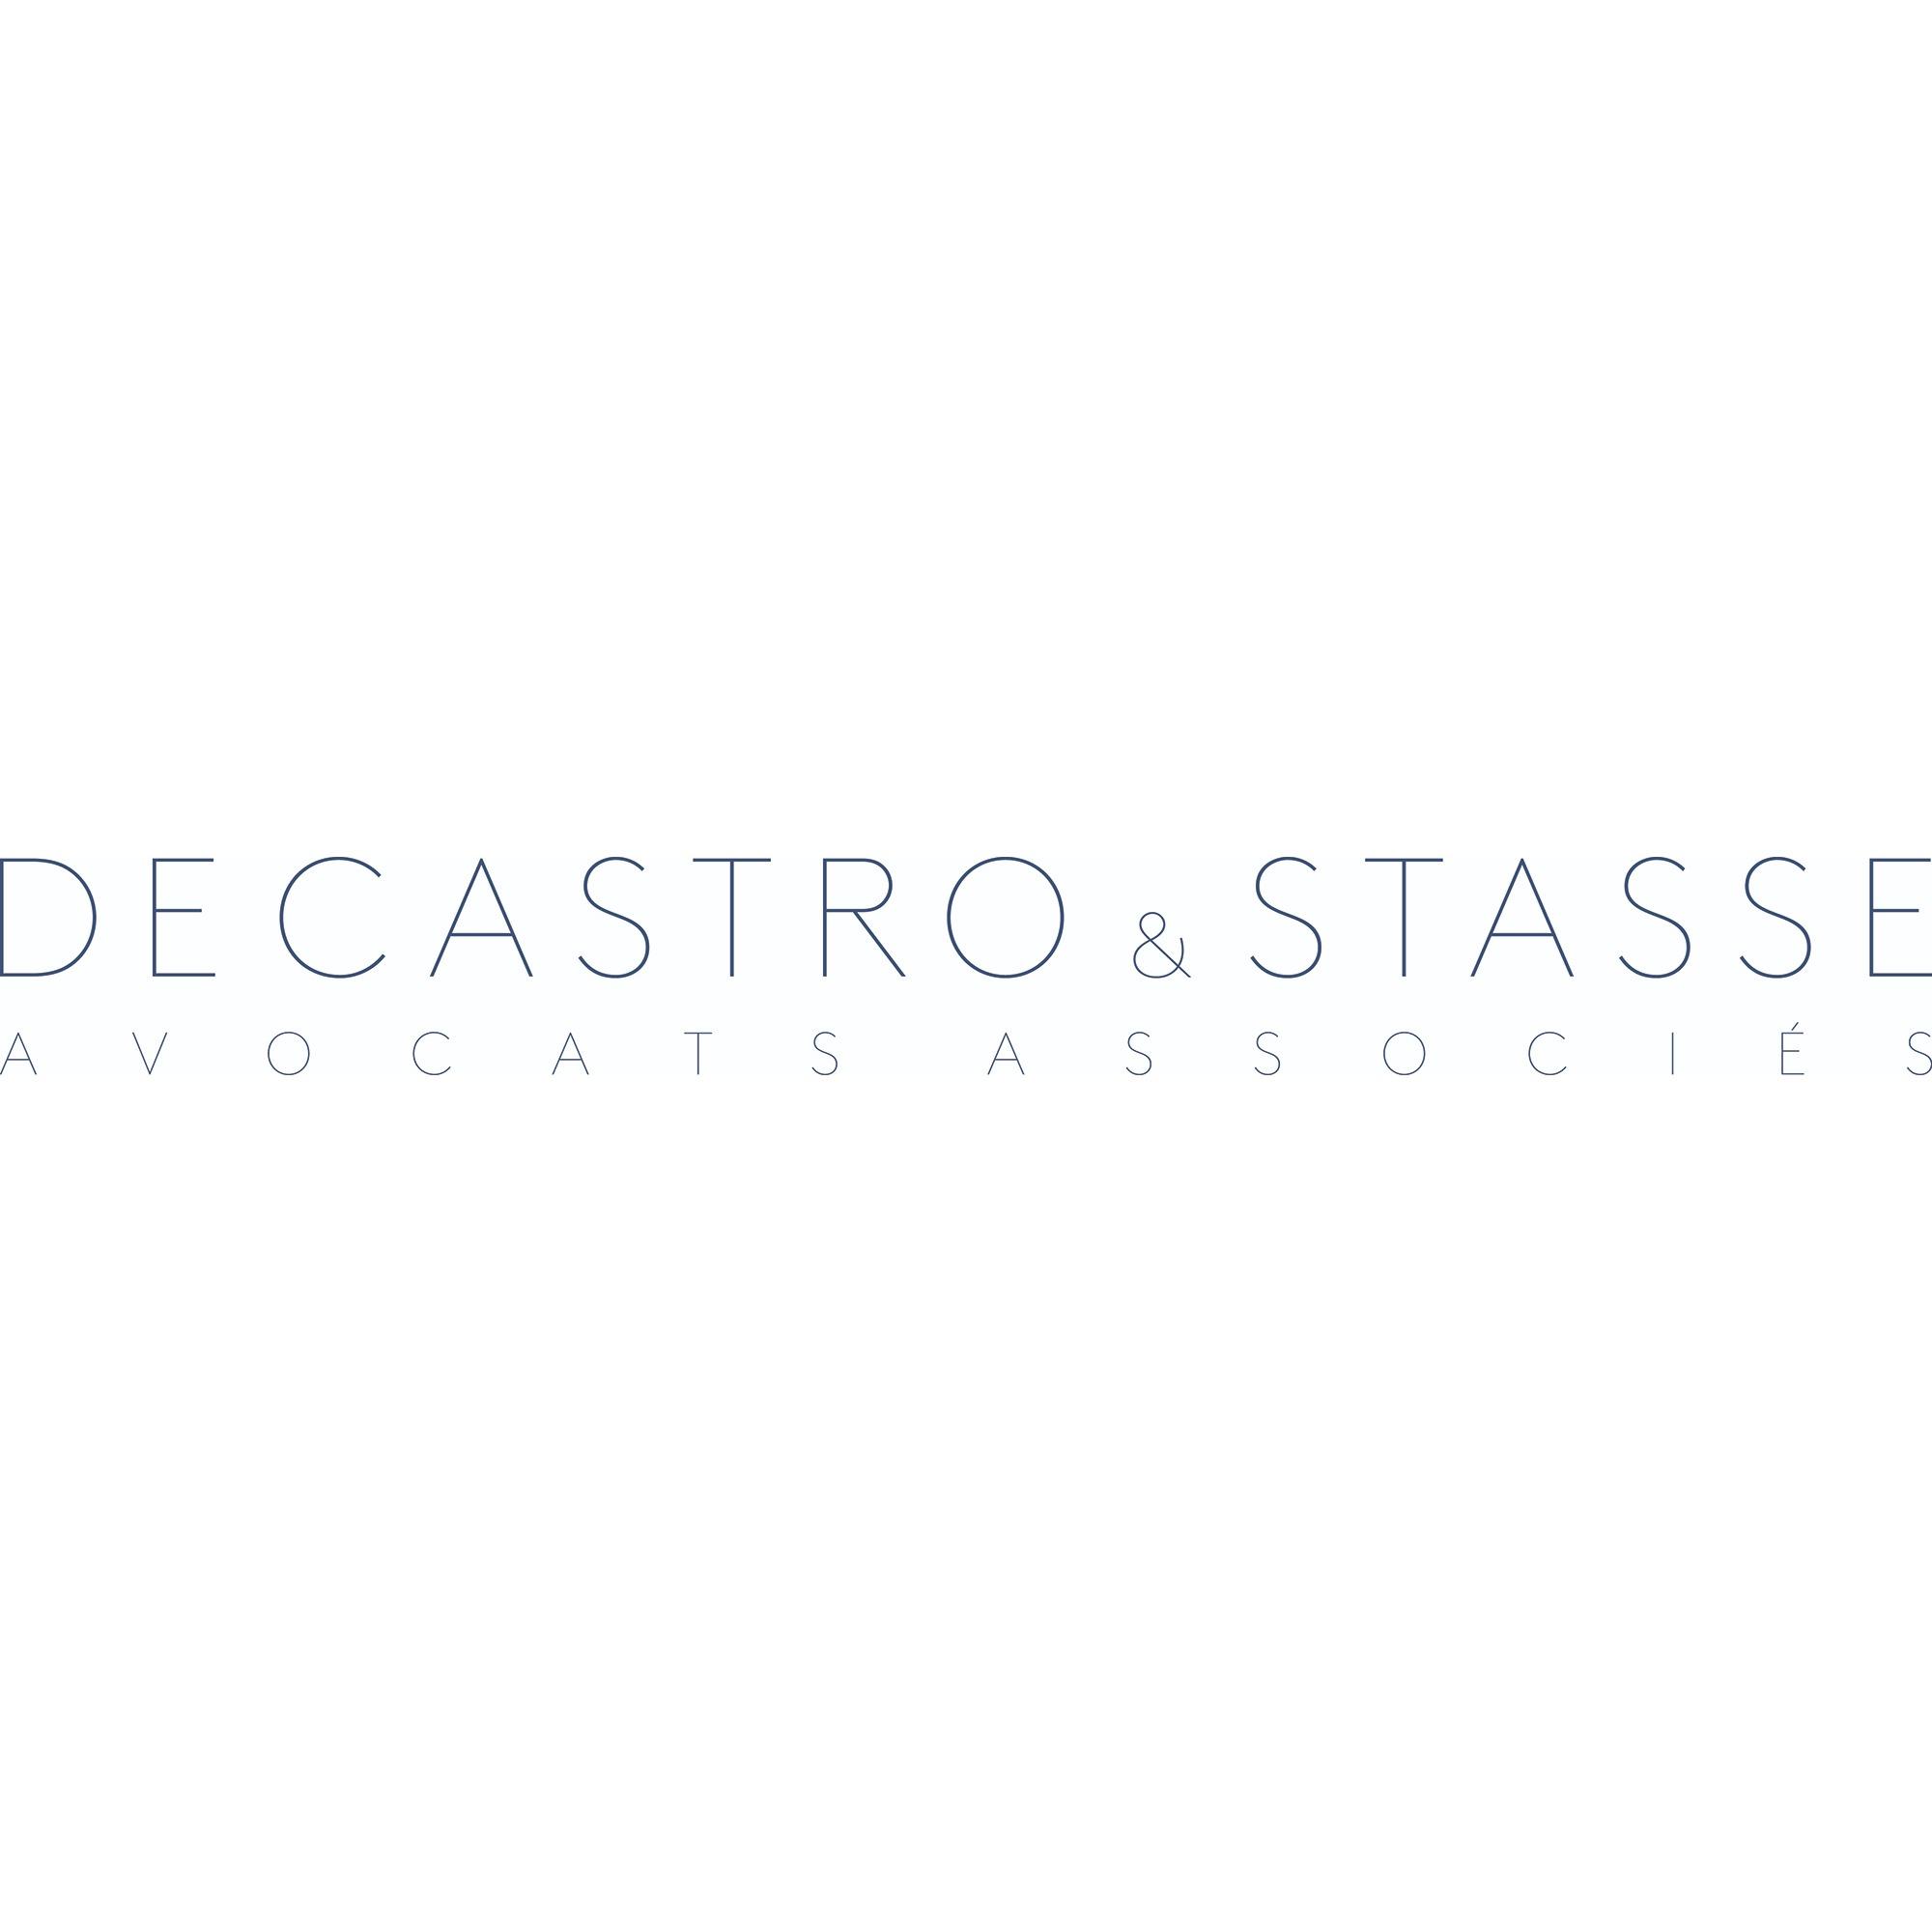 the De Castro & Stasse logo.